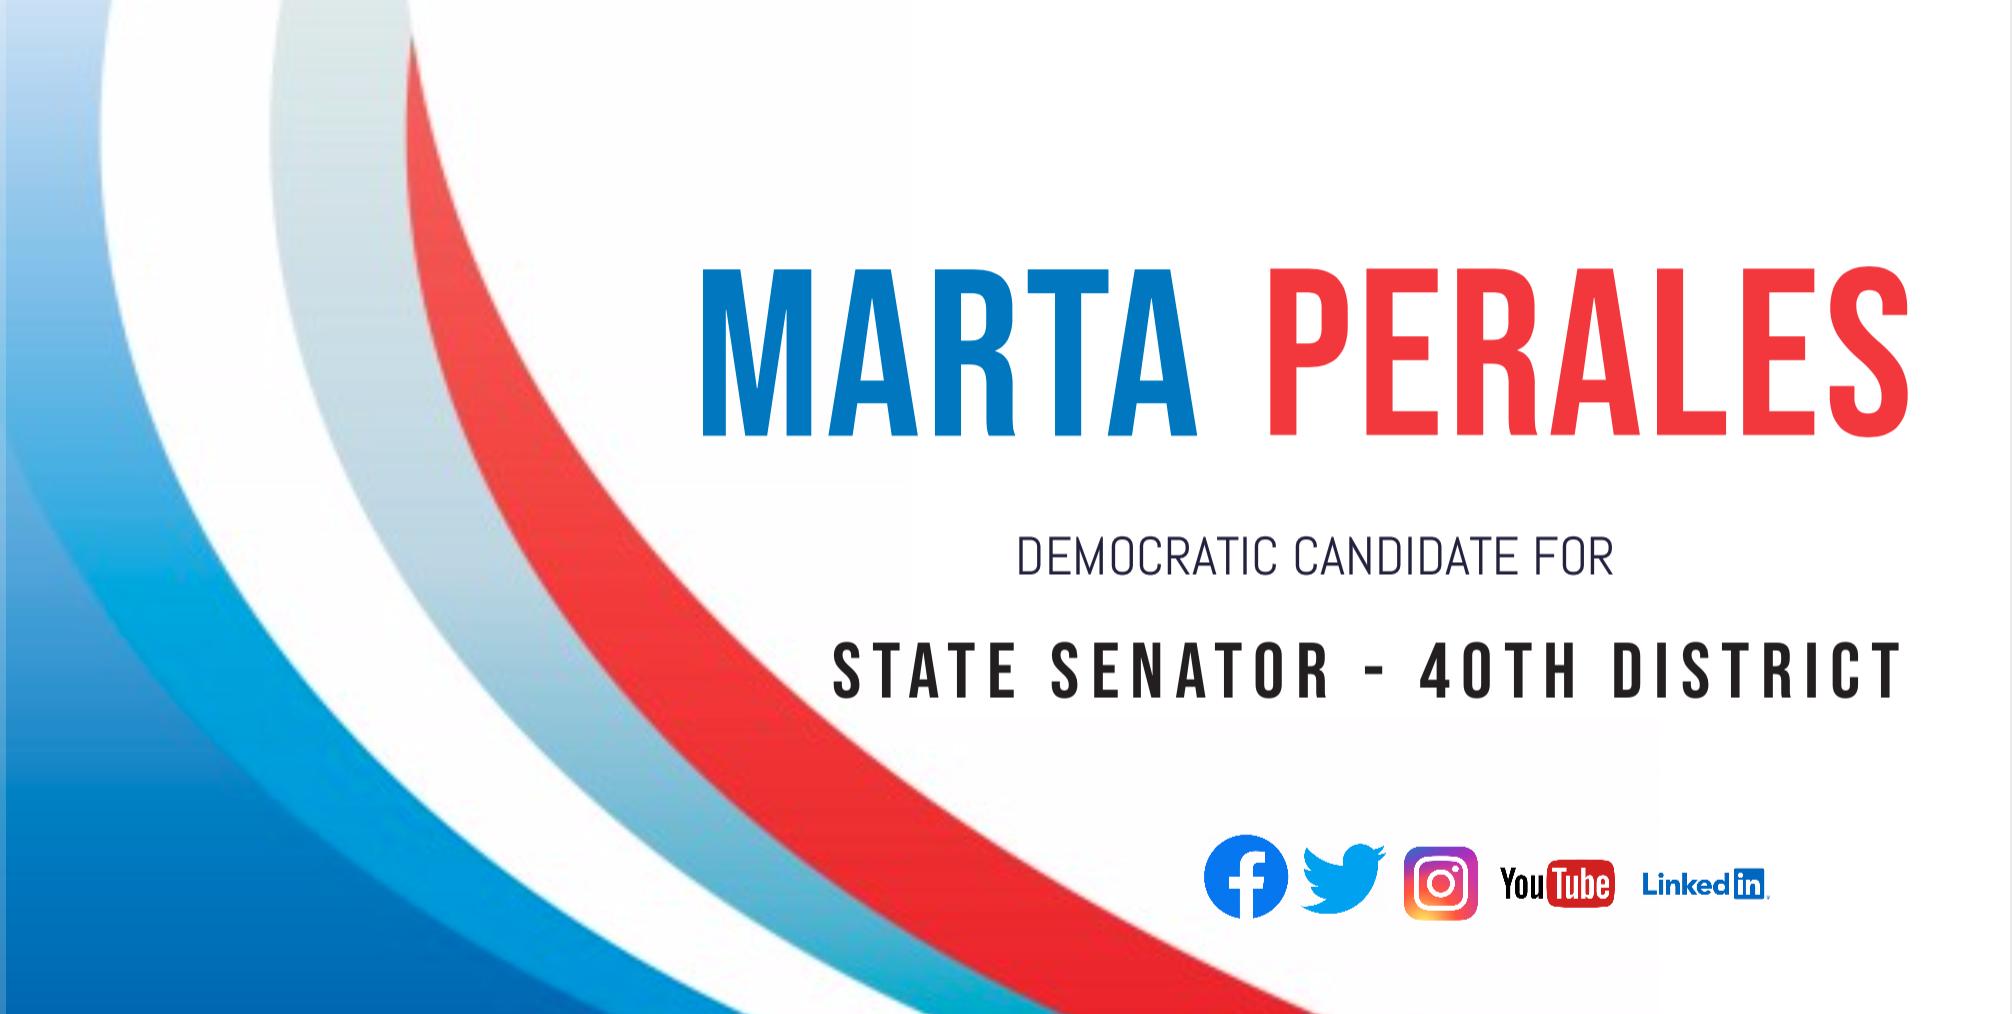 Marta Perales